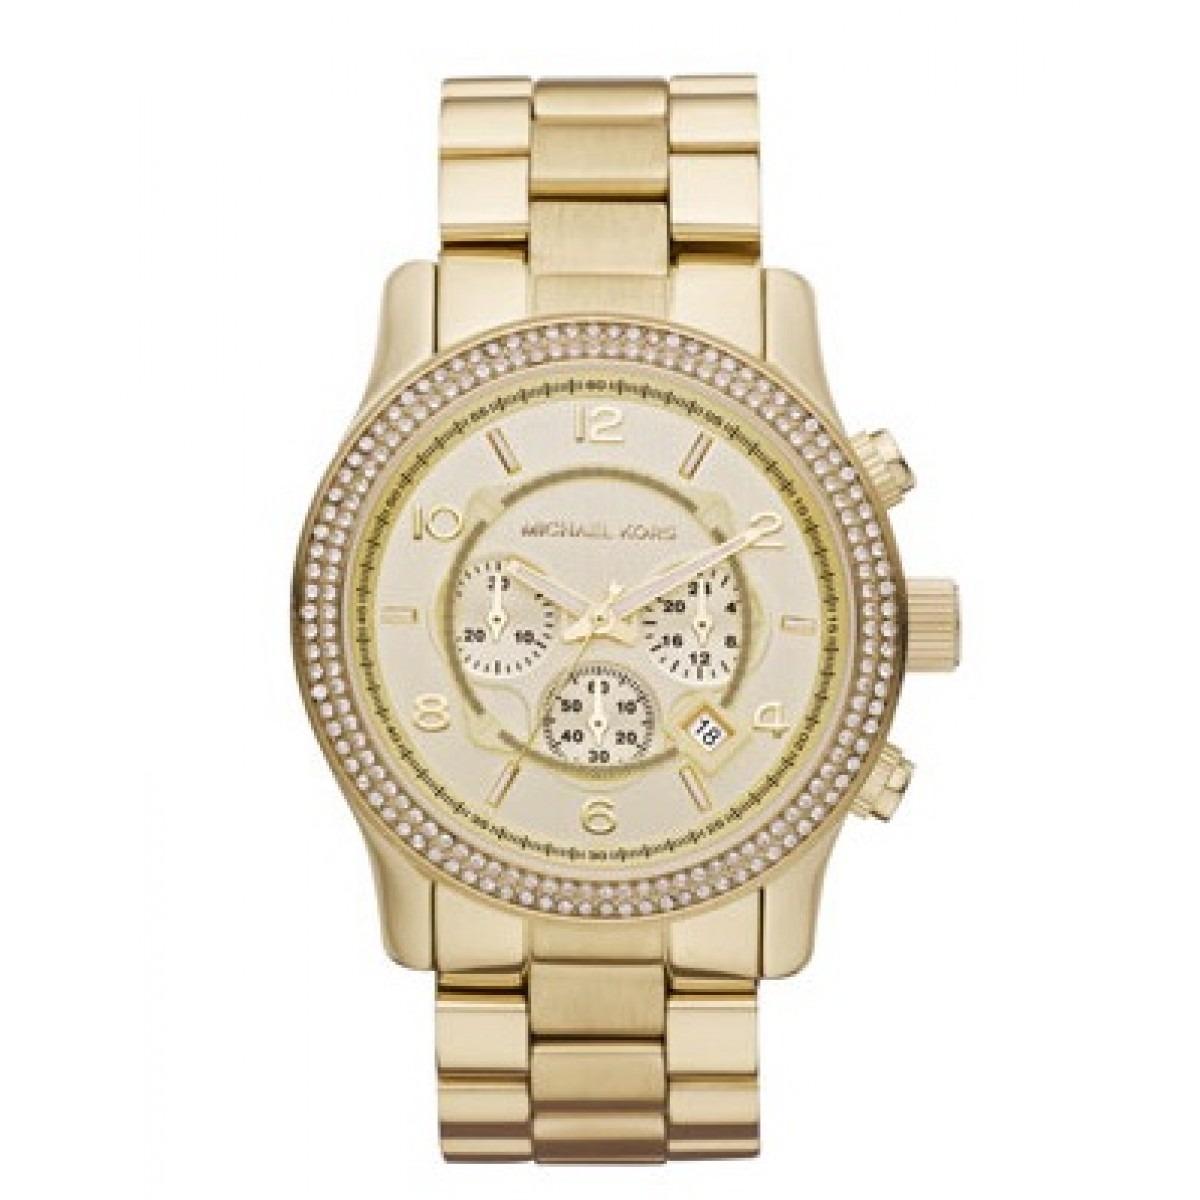 relógio feminino michael kors mk5575 dourado c strass 45mm. Carregando zoom. bd95cb87d0